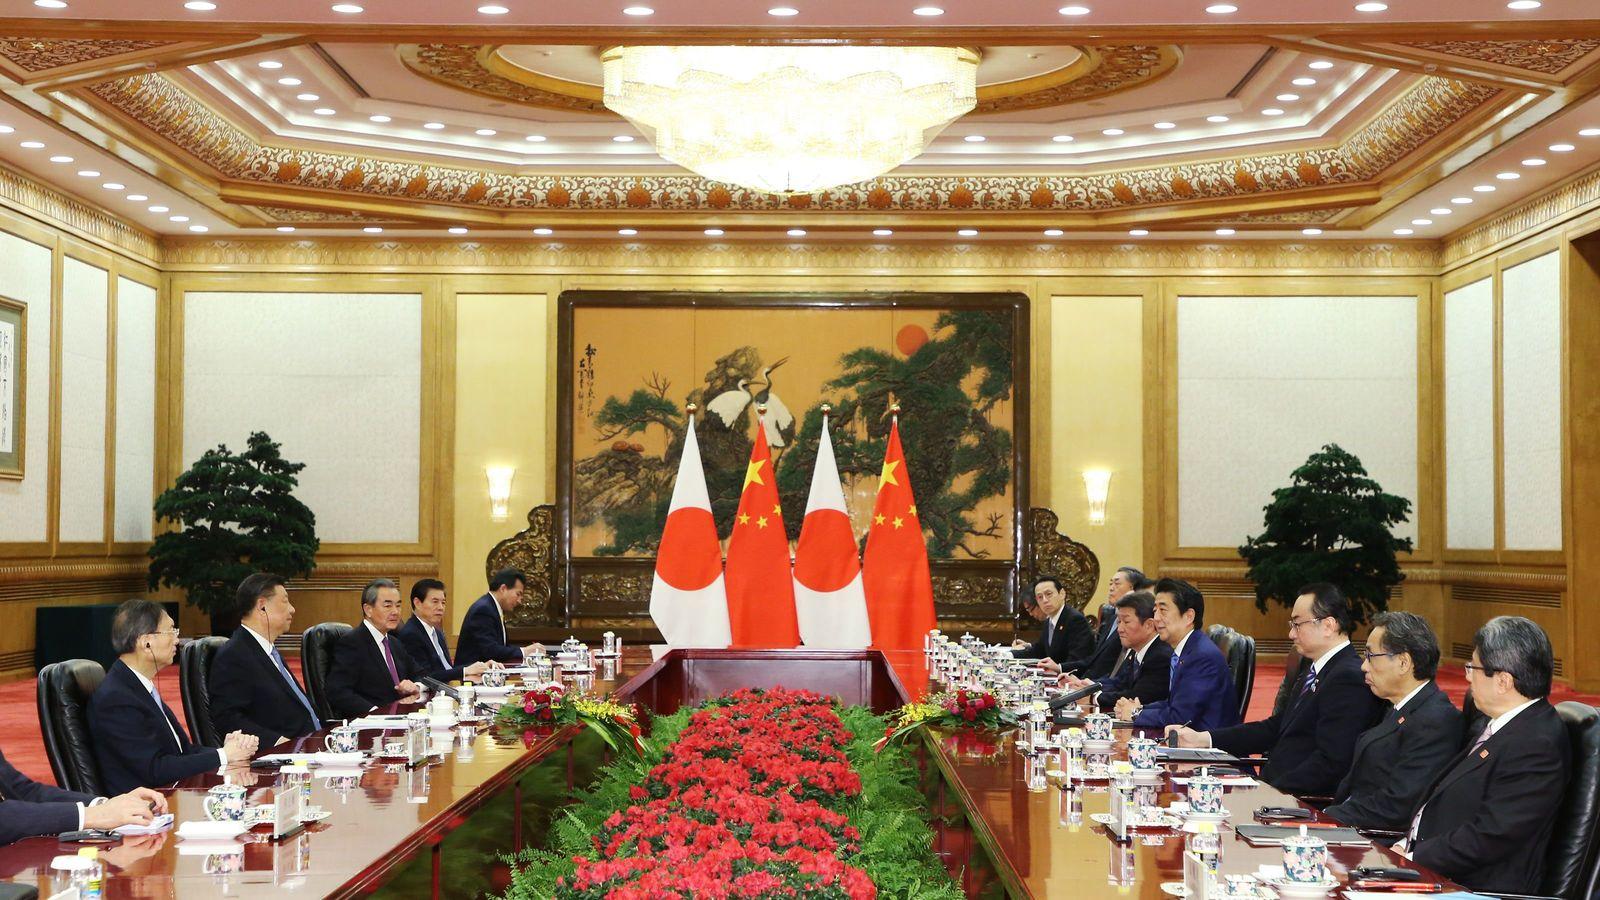 """""""強権な王""""習主席を国賓で招く安倍首相の思惑 「自由で開かれた香港」を守れるのか"""